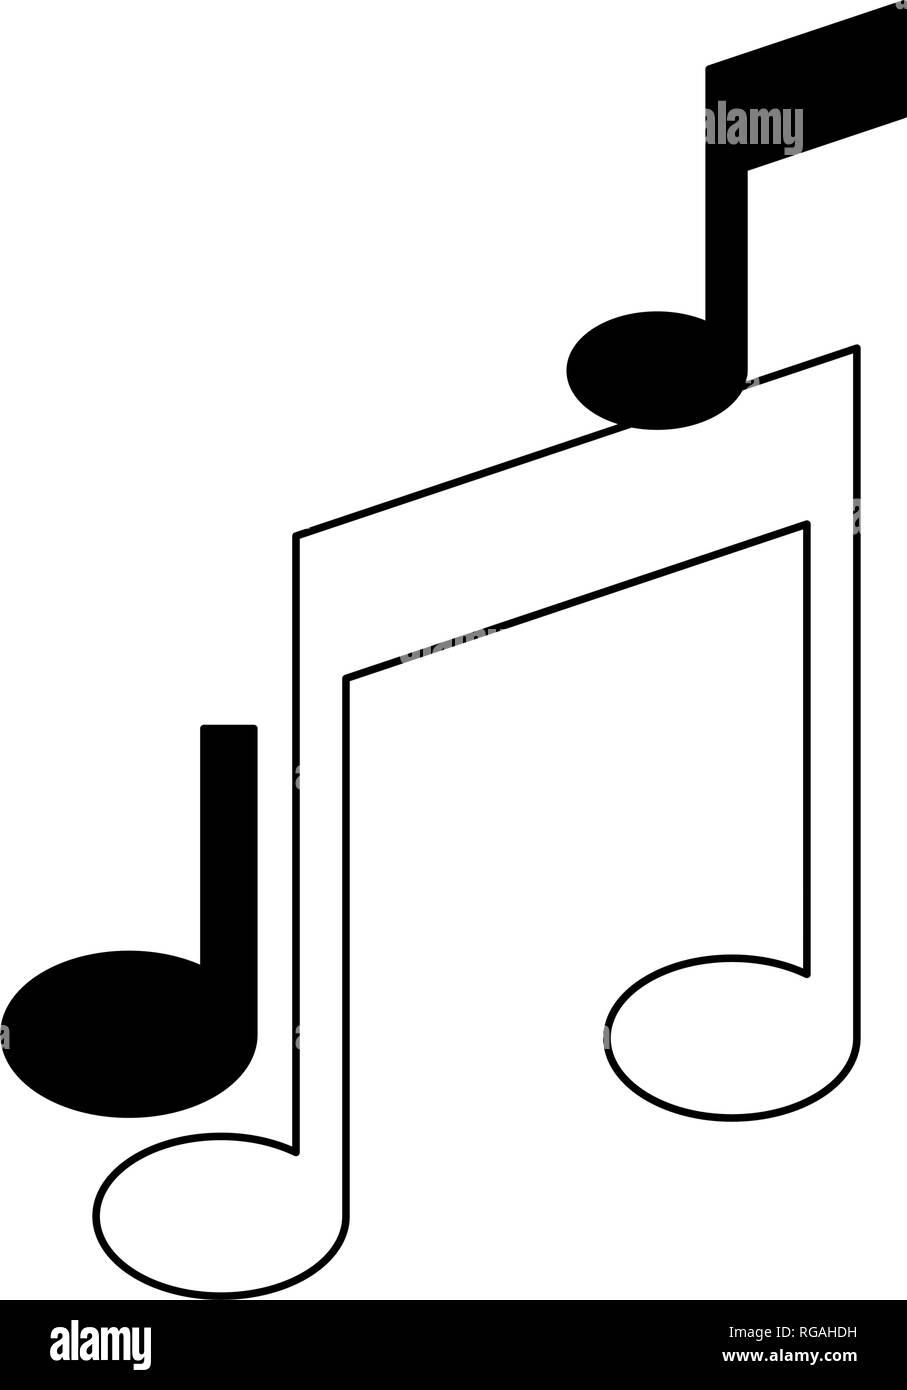 Símbolos de notas musicales en blanco y negro Ilustración del Vector